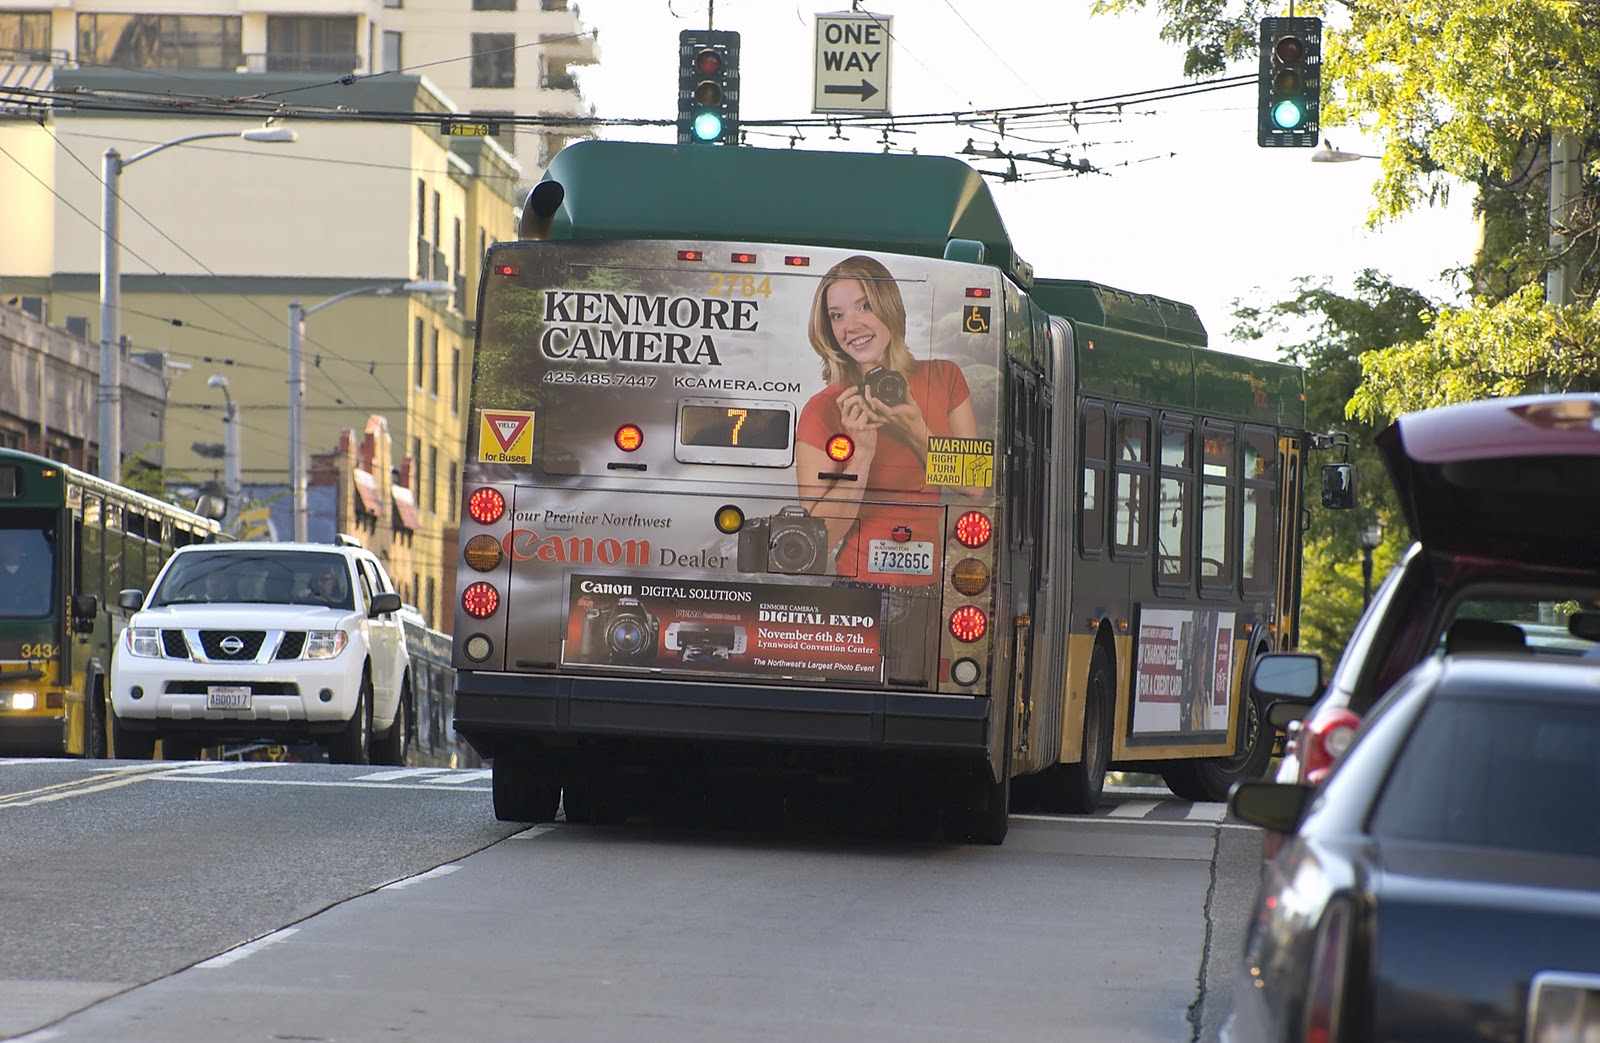 Kenmore Camera Blog: Metro Bus Wrap